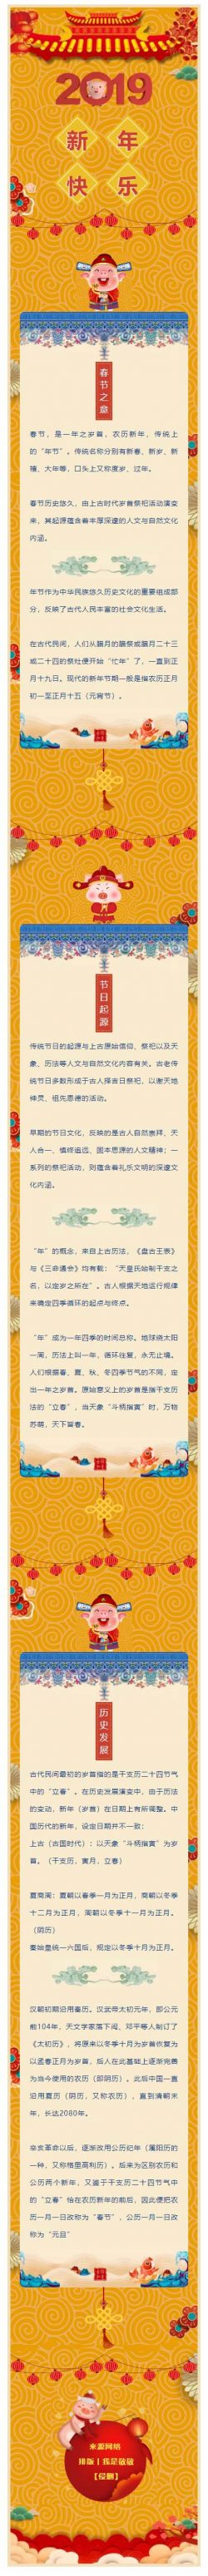 春节元旦新春中国风中国年传统节日